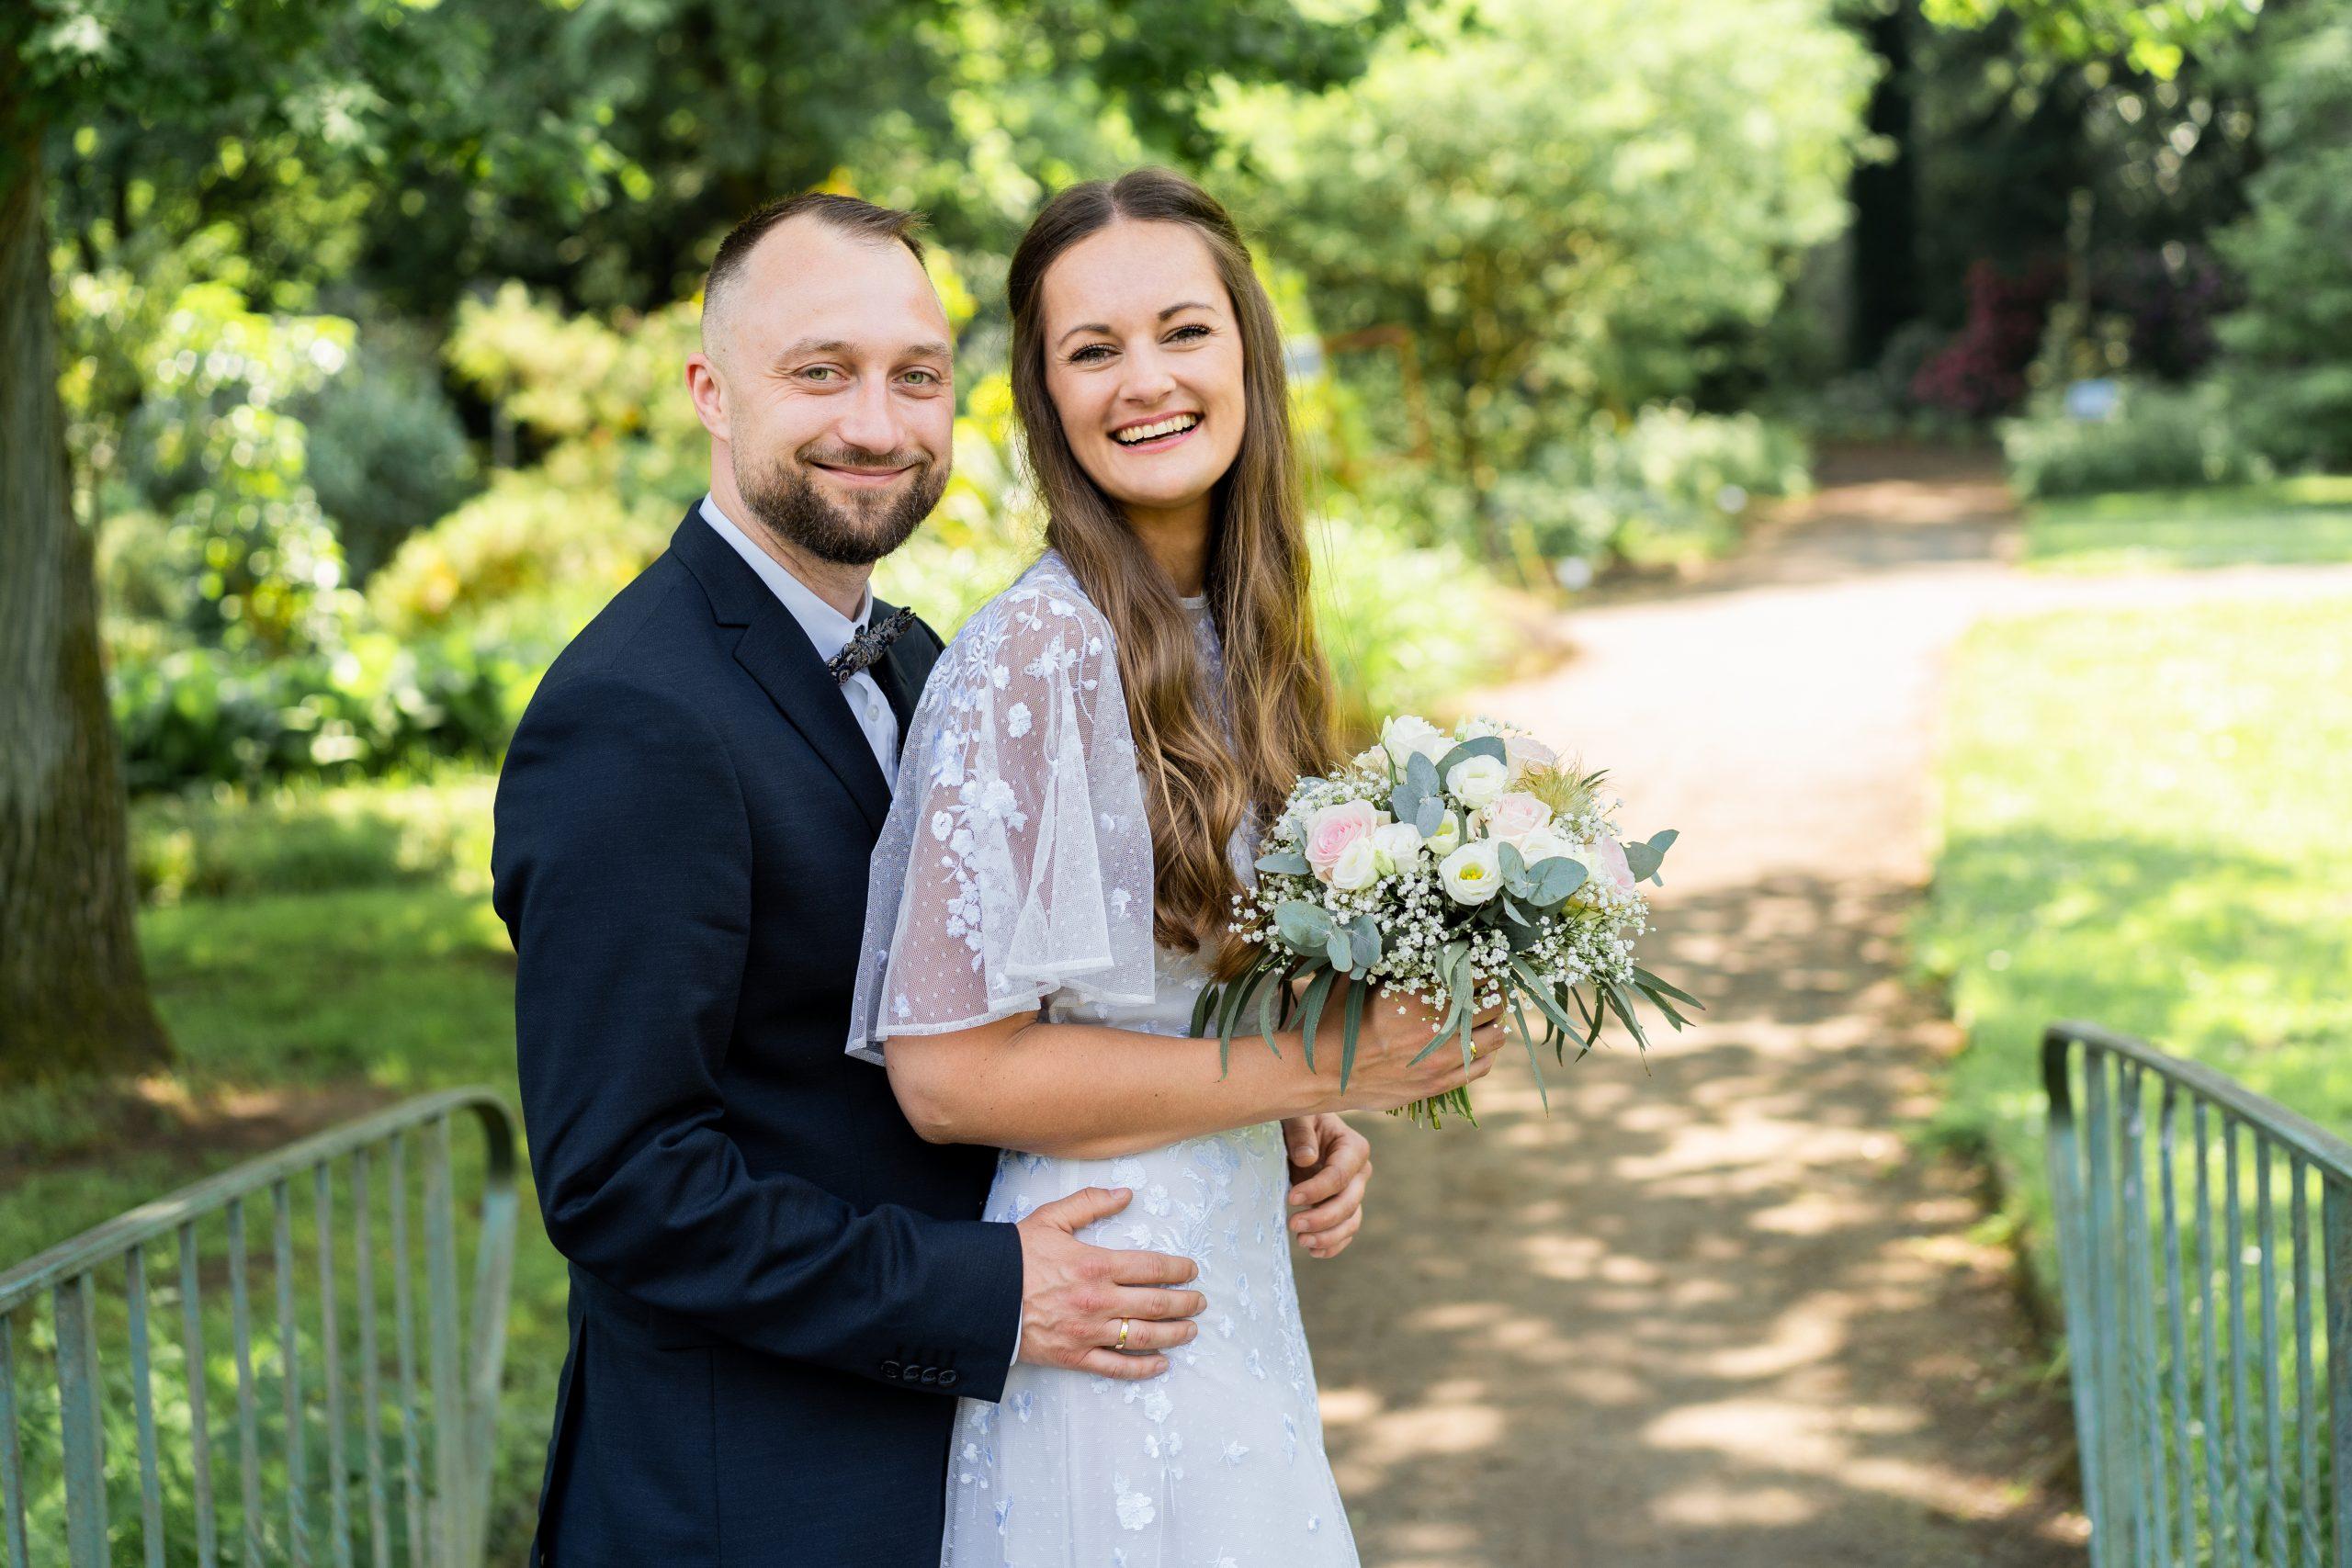 Pärchenfotos Hochzeitspaar Ehepaar Eheshooting Wedding Photography Bremen Rhododendronpark